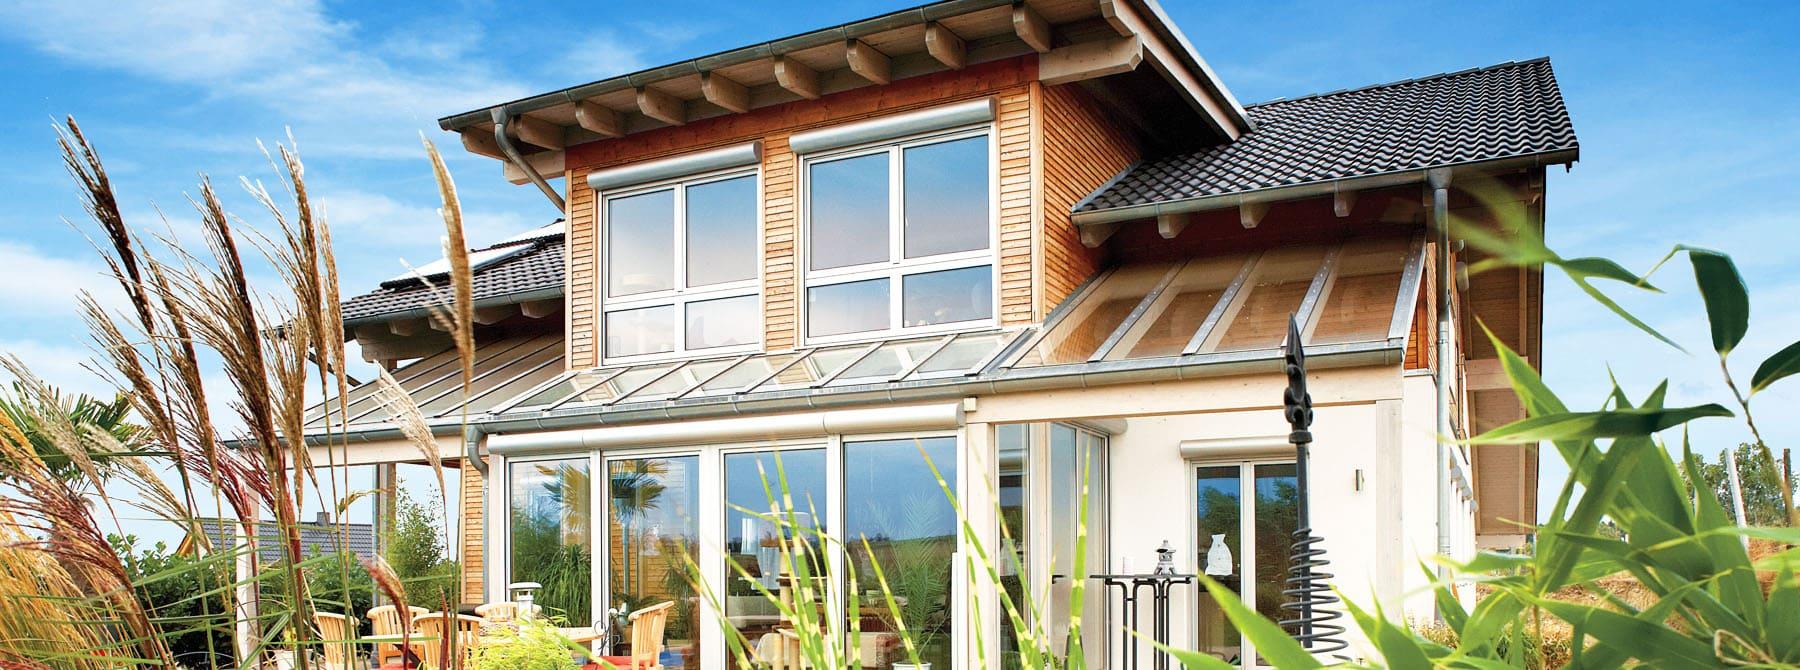 Wohngesunde Holzhäuser im eleganten Stil - Sonnleitner.de - Bauen ...